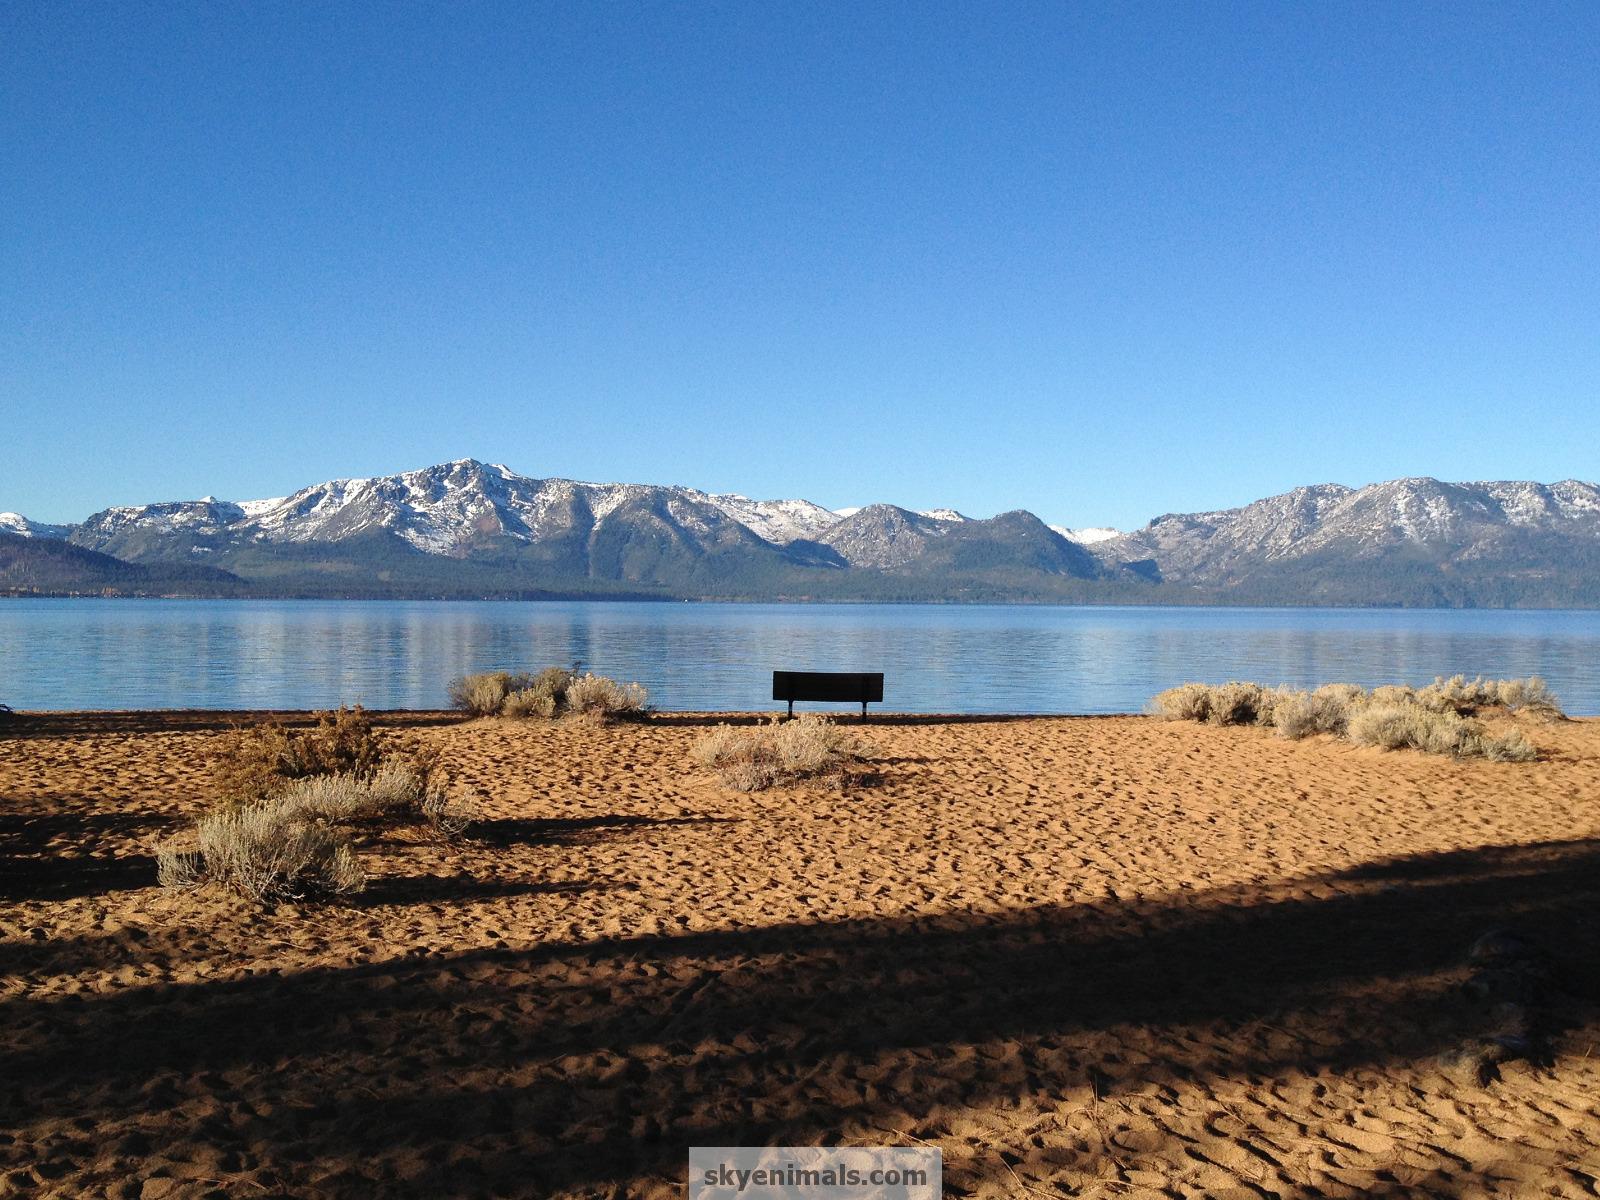 Lake Tahoe Wallpaper Images 1600x1200